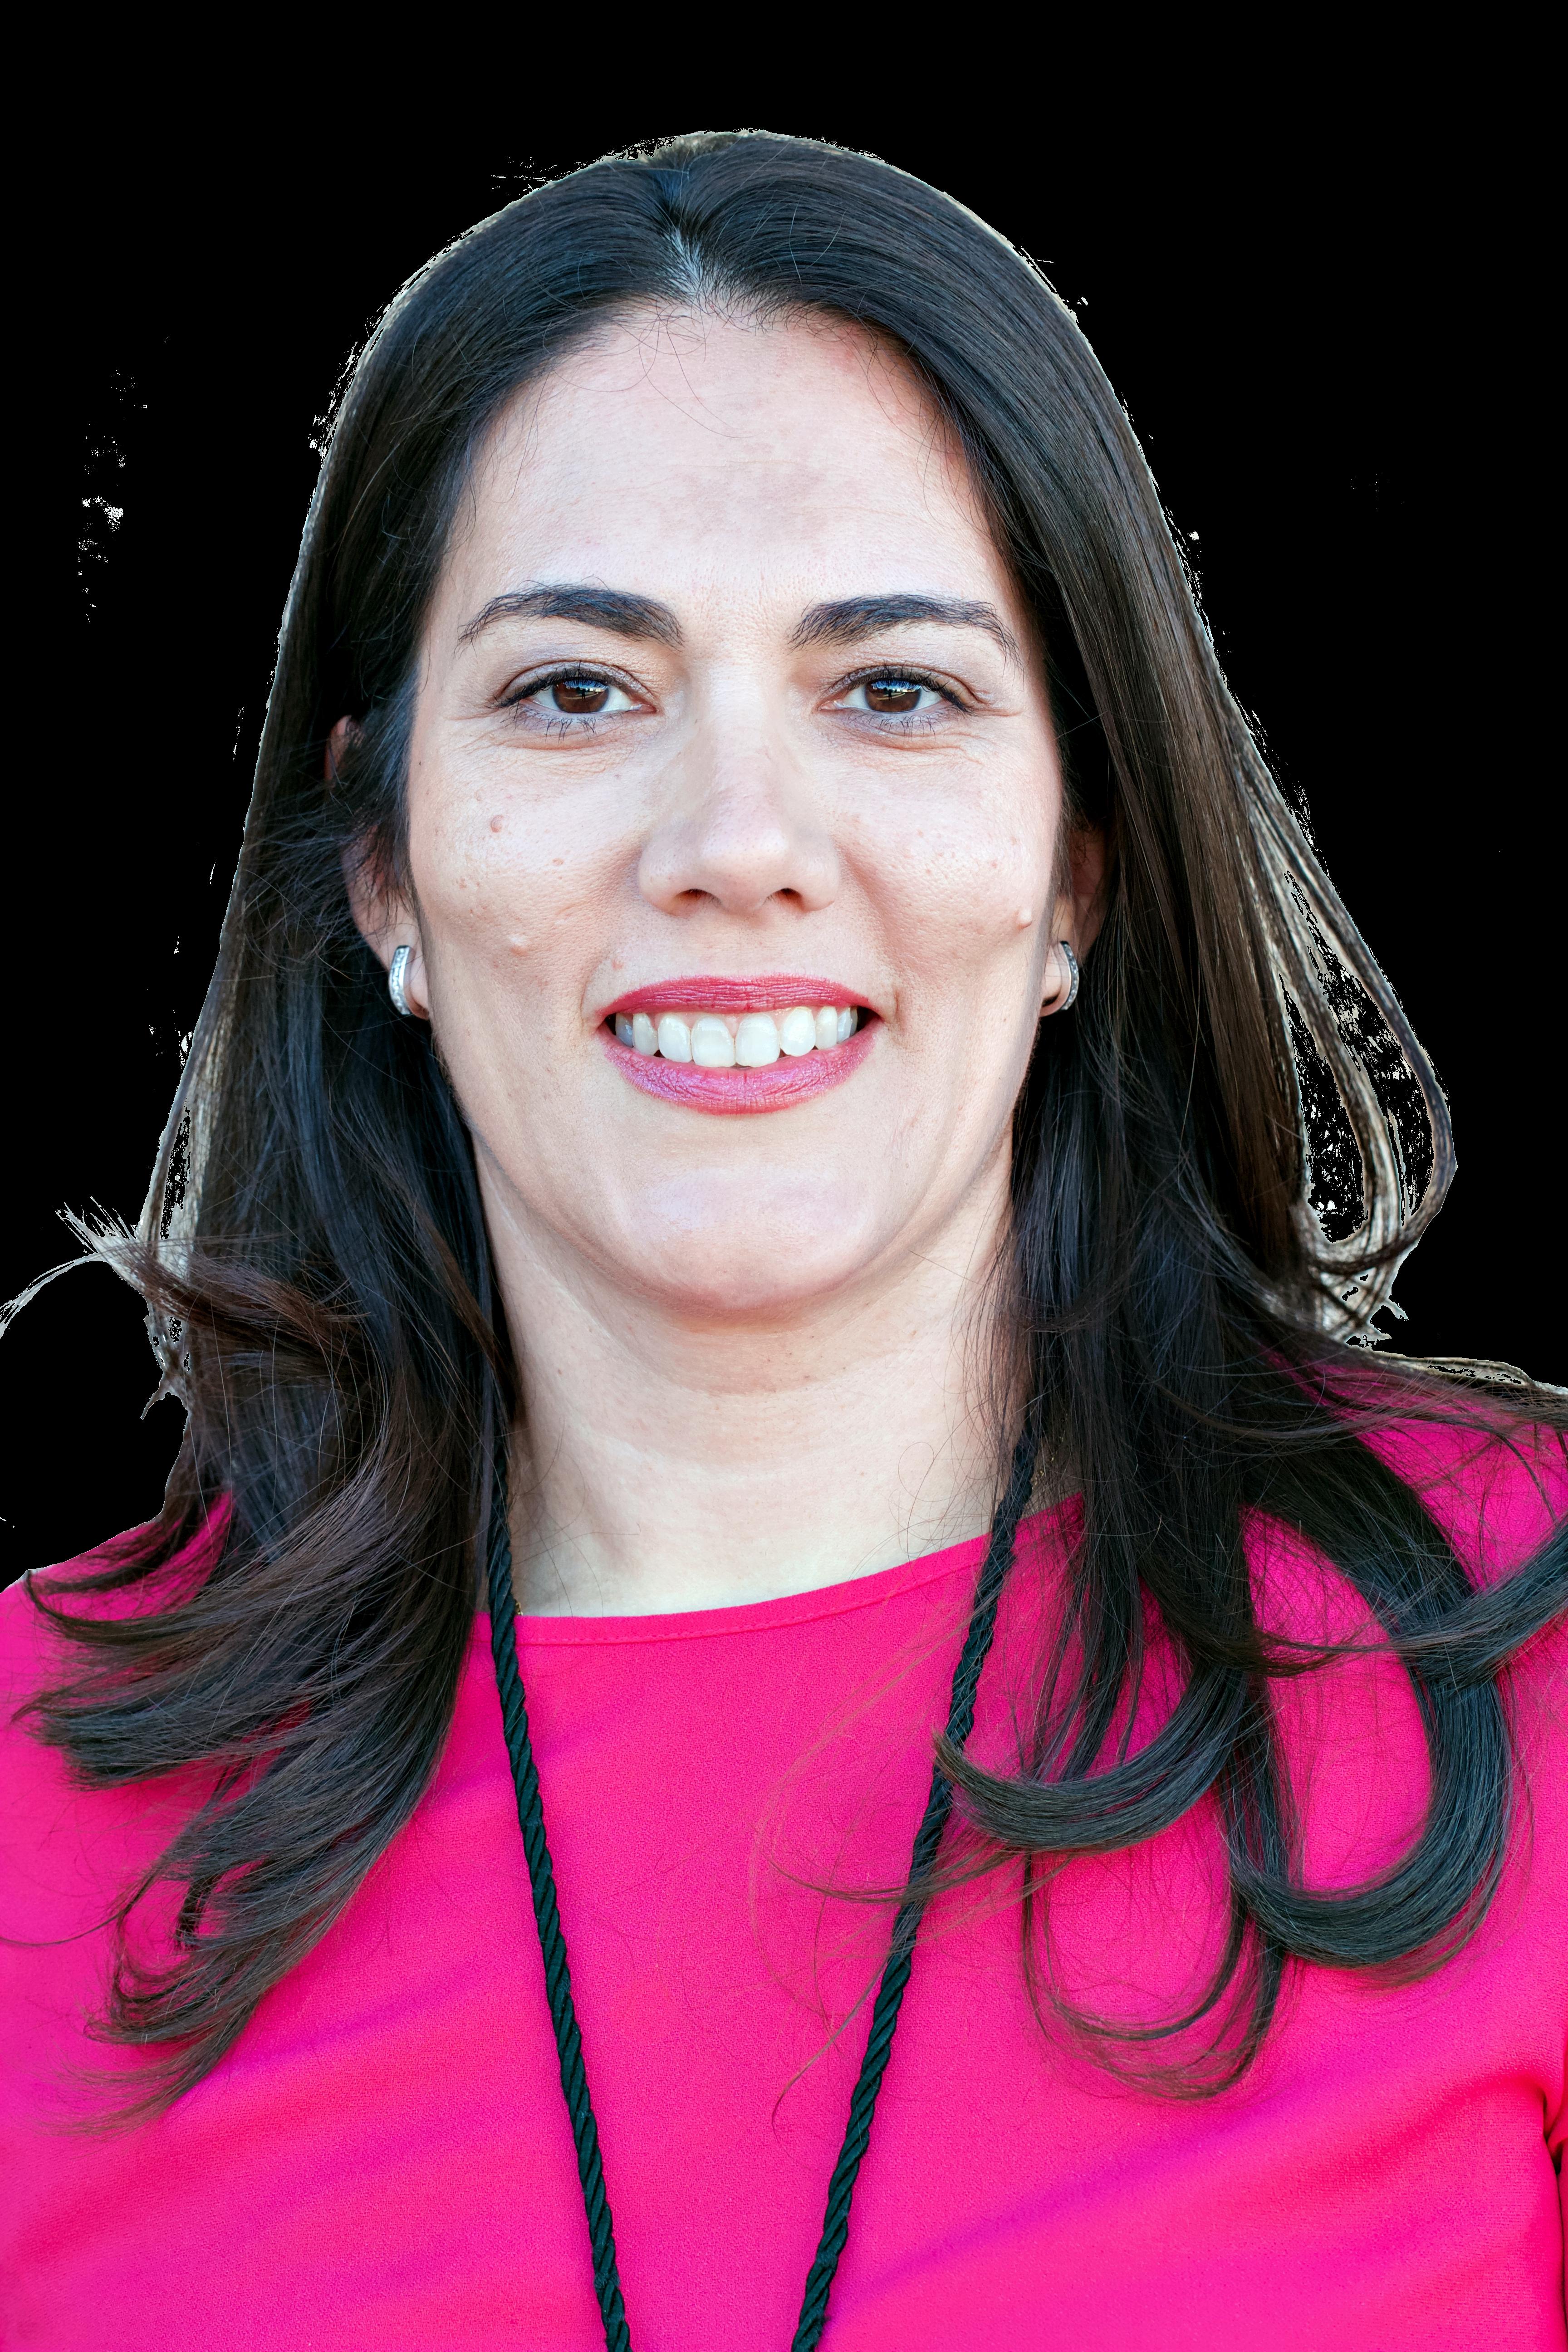 3. María del Carmen Ruiz - Agrupación Independiente Ajalvir (A.I.A)